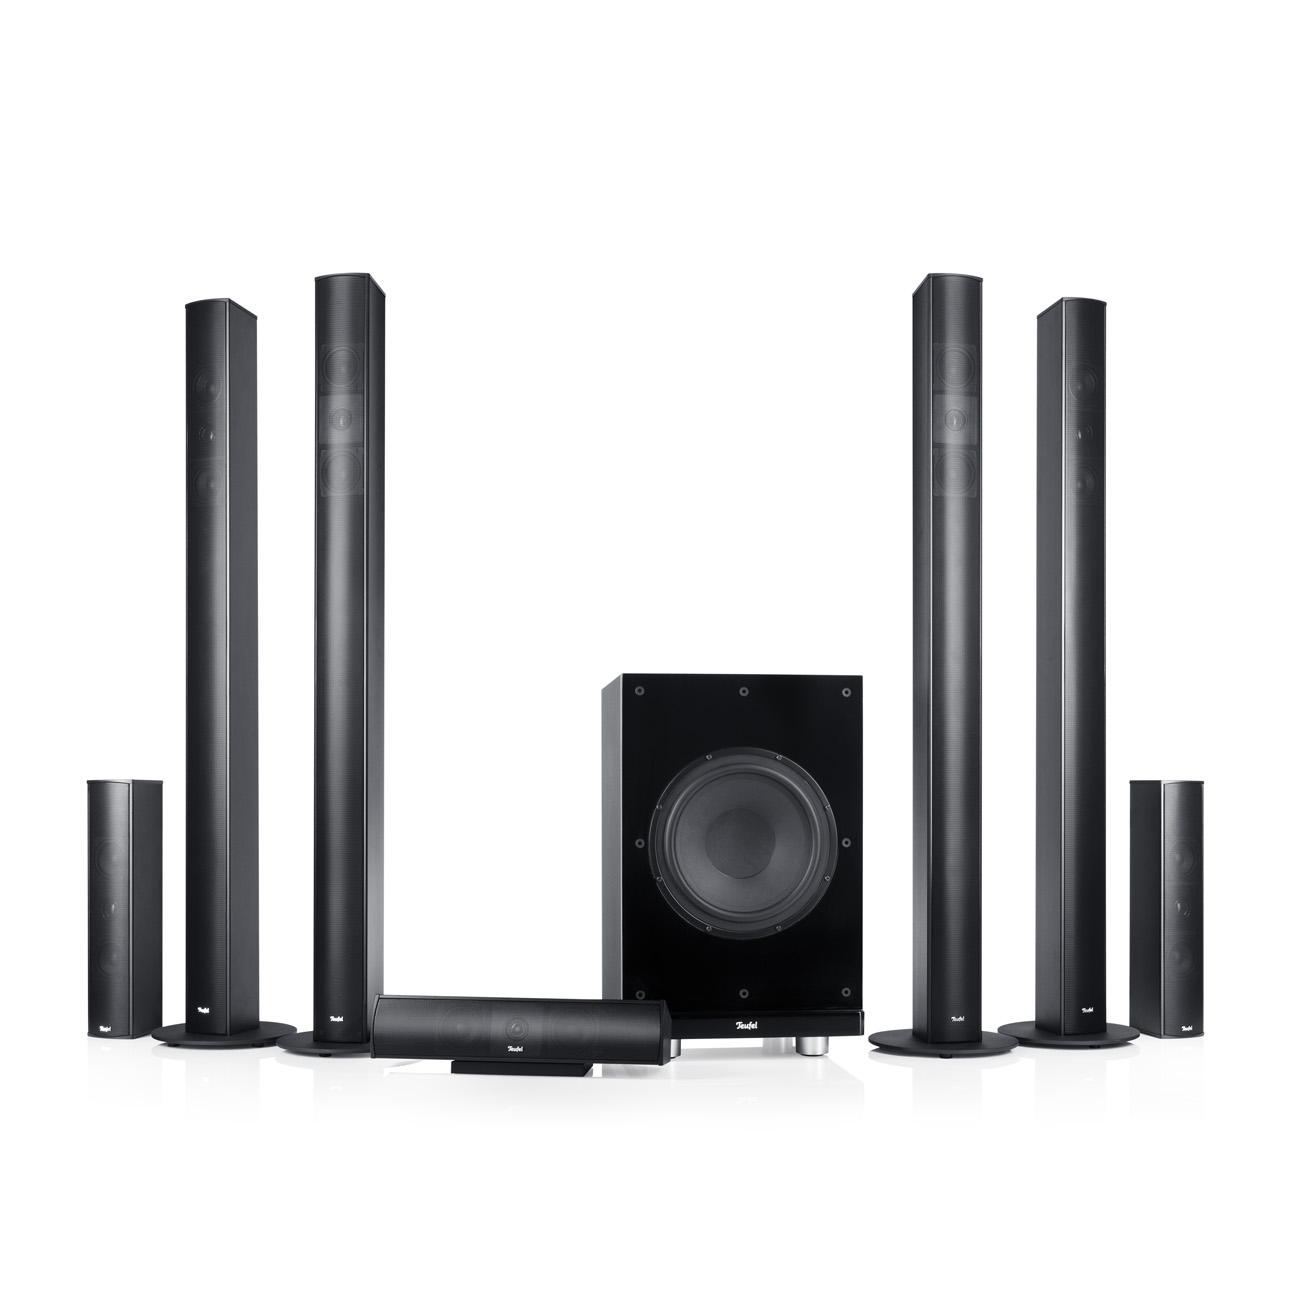 a 7 1 column speaker set. Black Bedroom Furniture Sets. Home Design Ideas